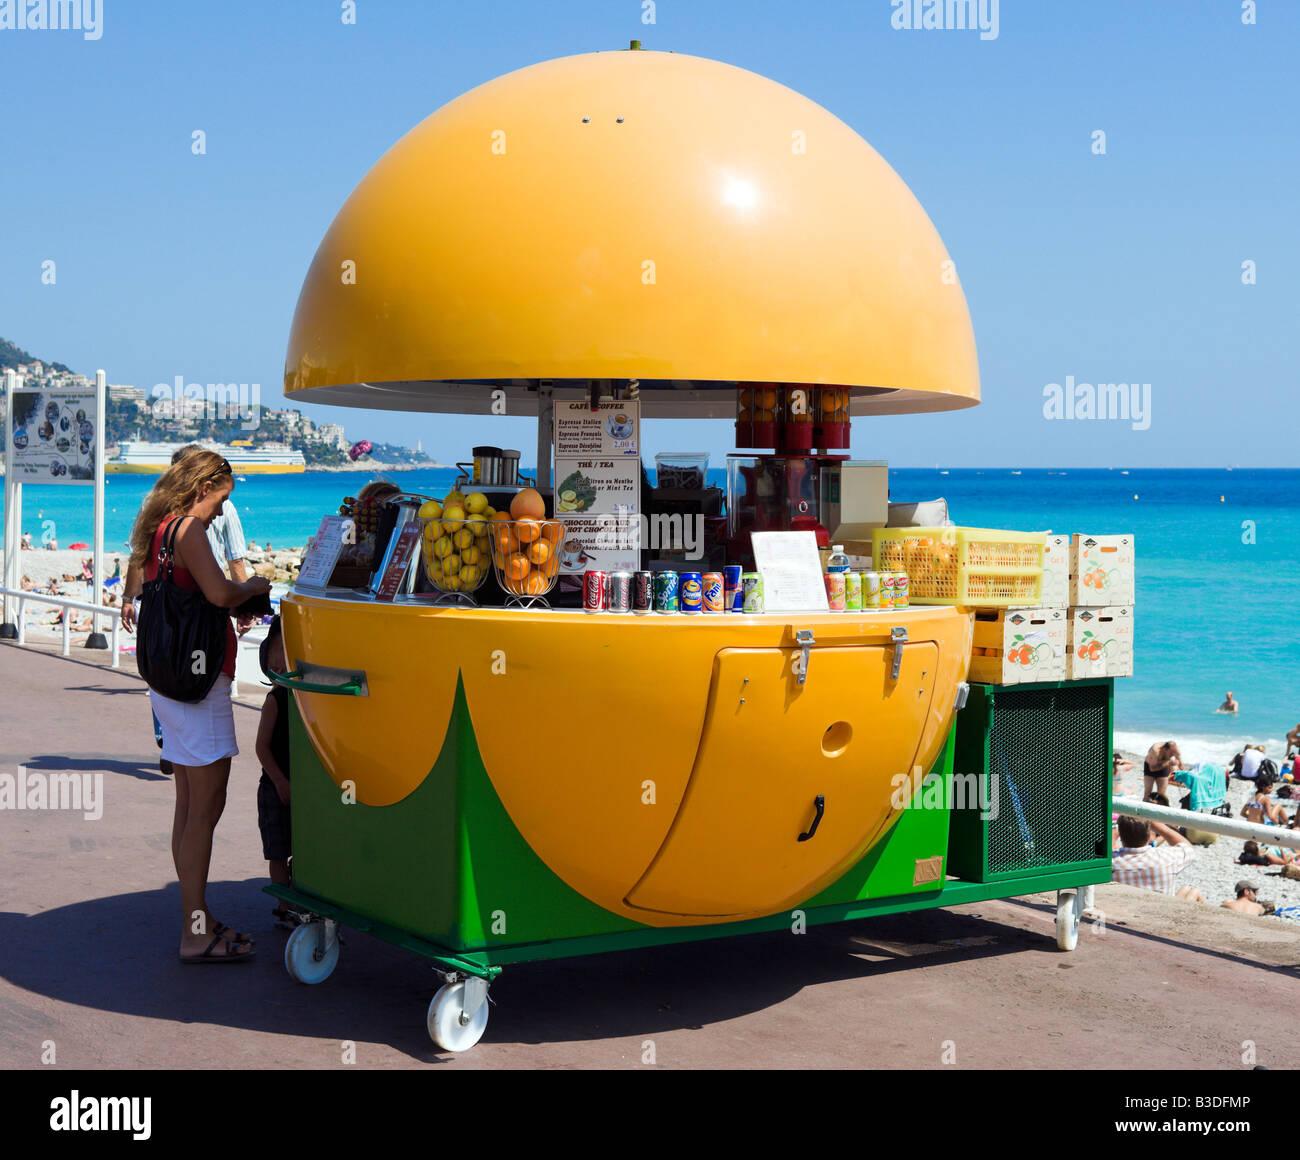 Juice Bar sulla Promenade des Anglais, Nice Cote d'Azur, Costa Azzurra, Francia Immagini Stock